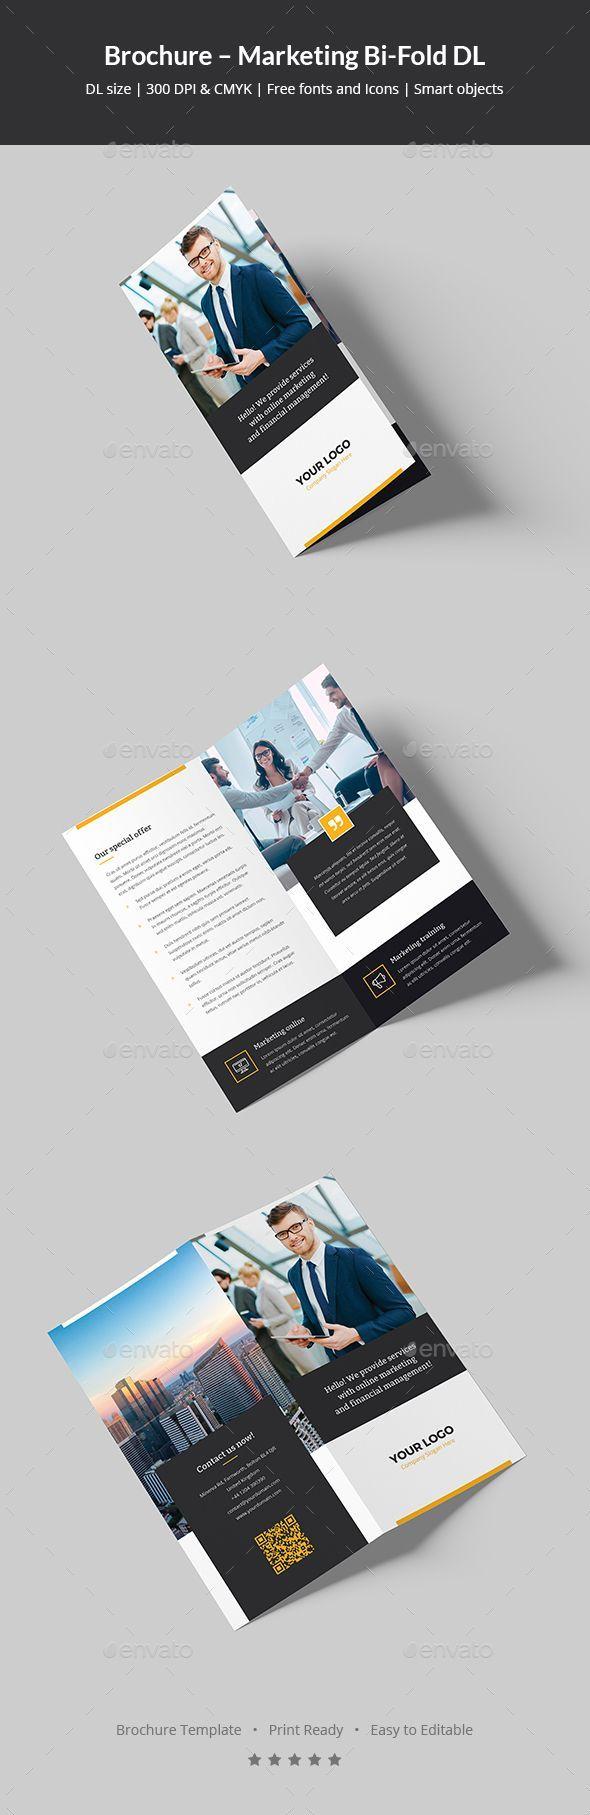 Brochure  Marketing BiFold Dl  Brochures Corporate Brochure